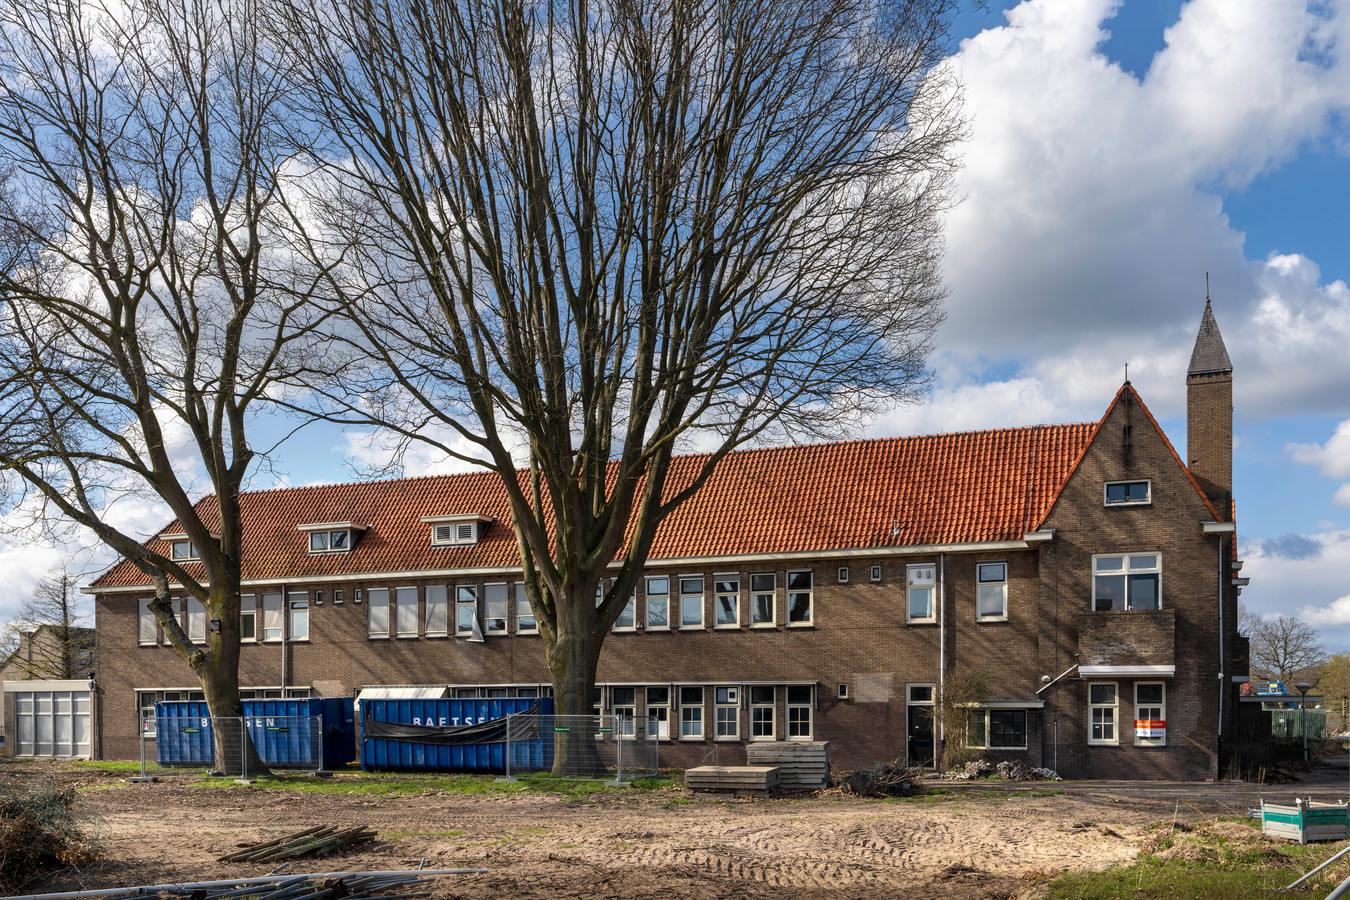 Een nieuwe naam - Het Langenlindenhuis - en nieuwe bewoners voor het hoofdgebouw op het terrein van voormalig zorgcentrum Lindenlust in Boxtel.